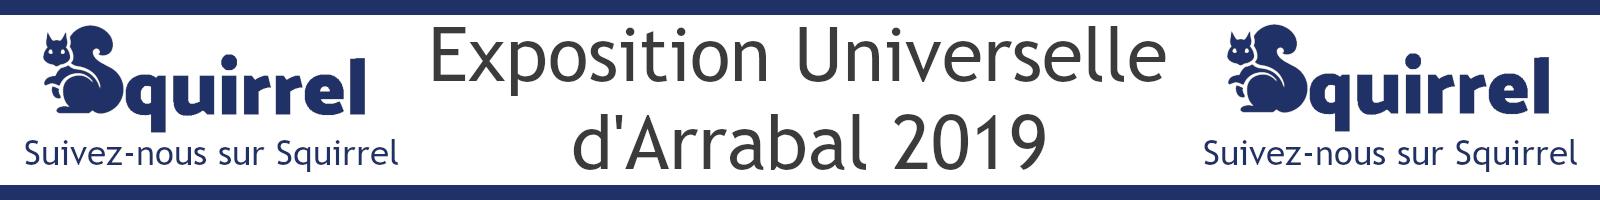 Exposition Universelle 2019 - Clôture de l'exposition - Page 23 1570633160-bandeaupavillonvaselfin